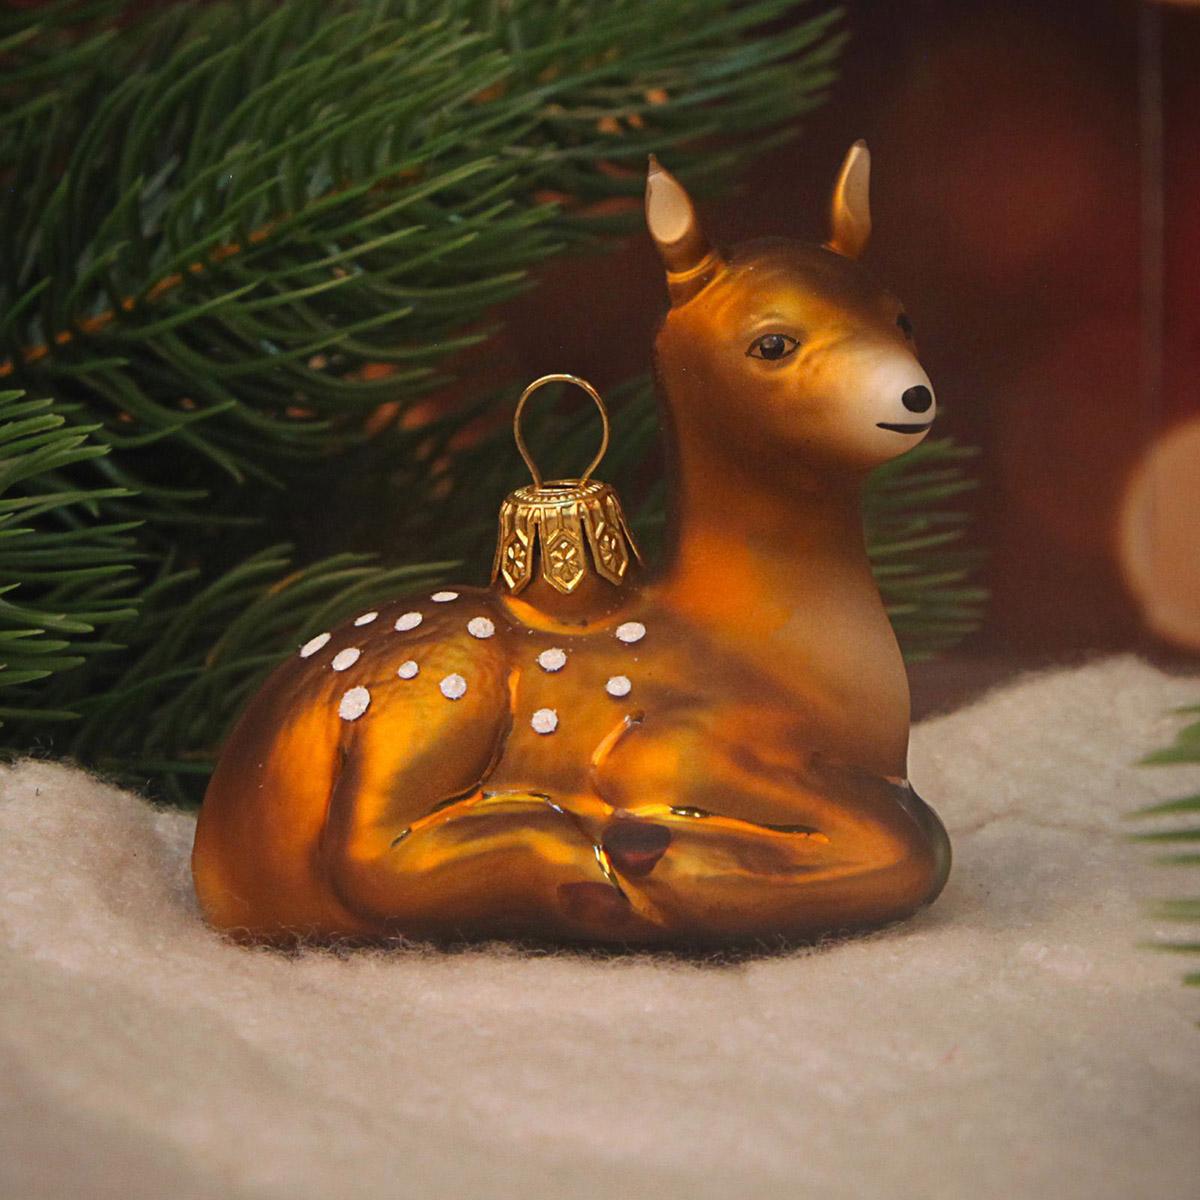 Новогоднее подвесное украшение Hanco Design Бэмби на привале, высота 7 см106359Невозможно представить нашу жизнь без праздников! Мы всегда ждём их и предвкушаем, обдумываем, как проведём памятный день, тщательно выбираем подарки и аксессуары, ведь именно они создают и поддерживают торжественный настрой.